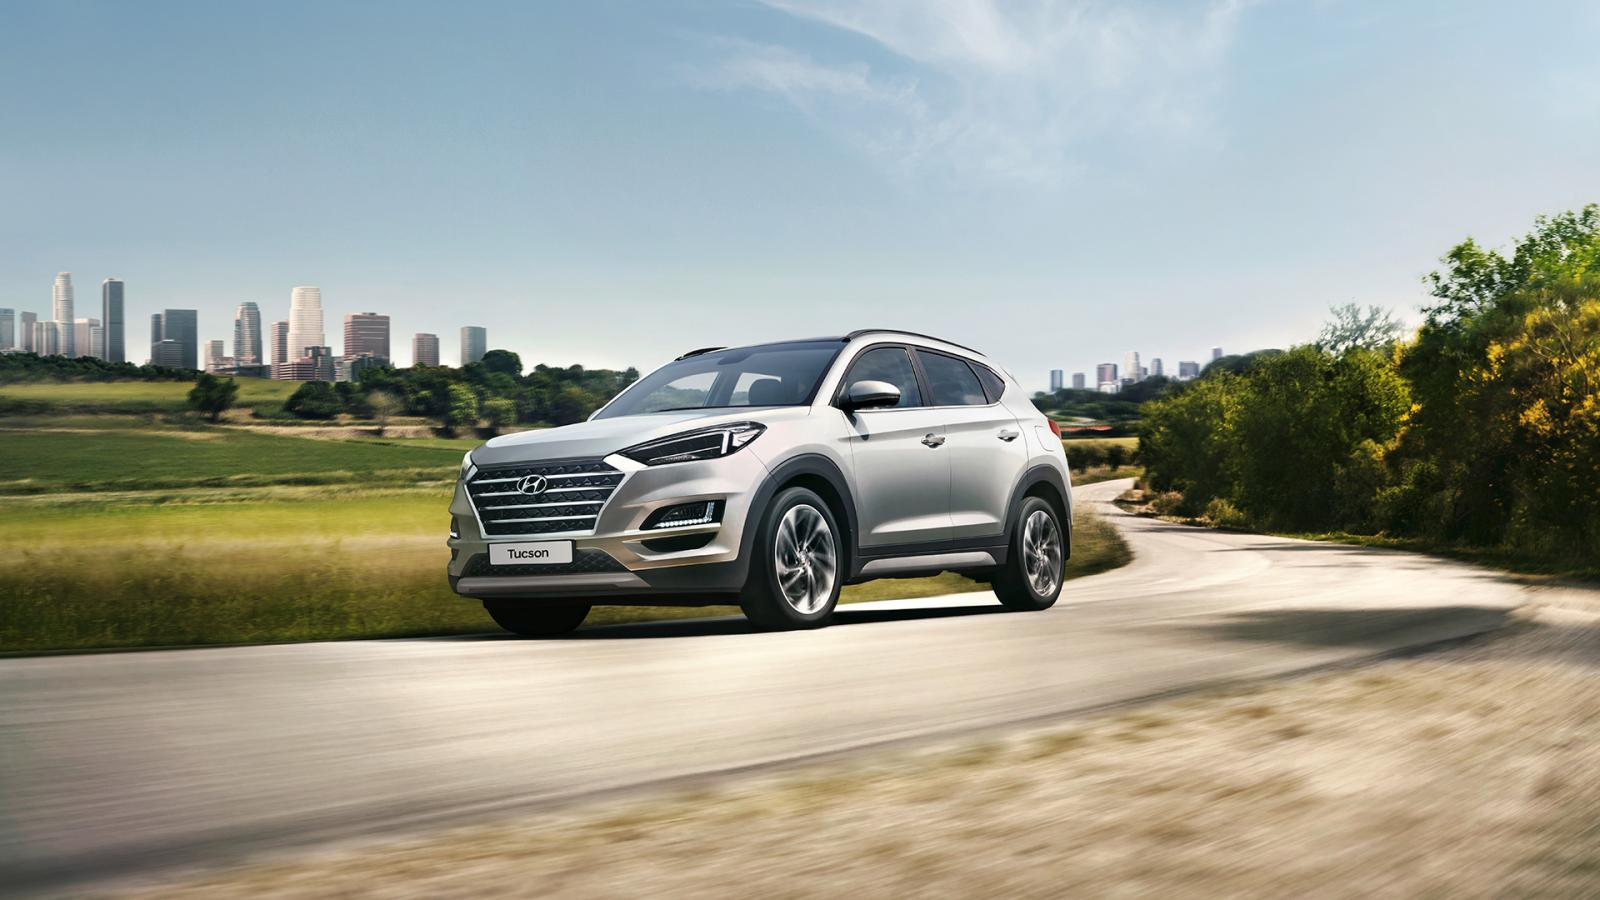 Hyundai Tucson GLS 2020 Volkswagen Tiguan Trendline Plus 2020 comparativa